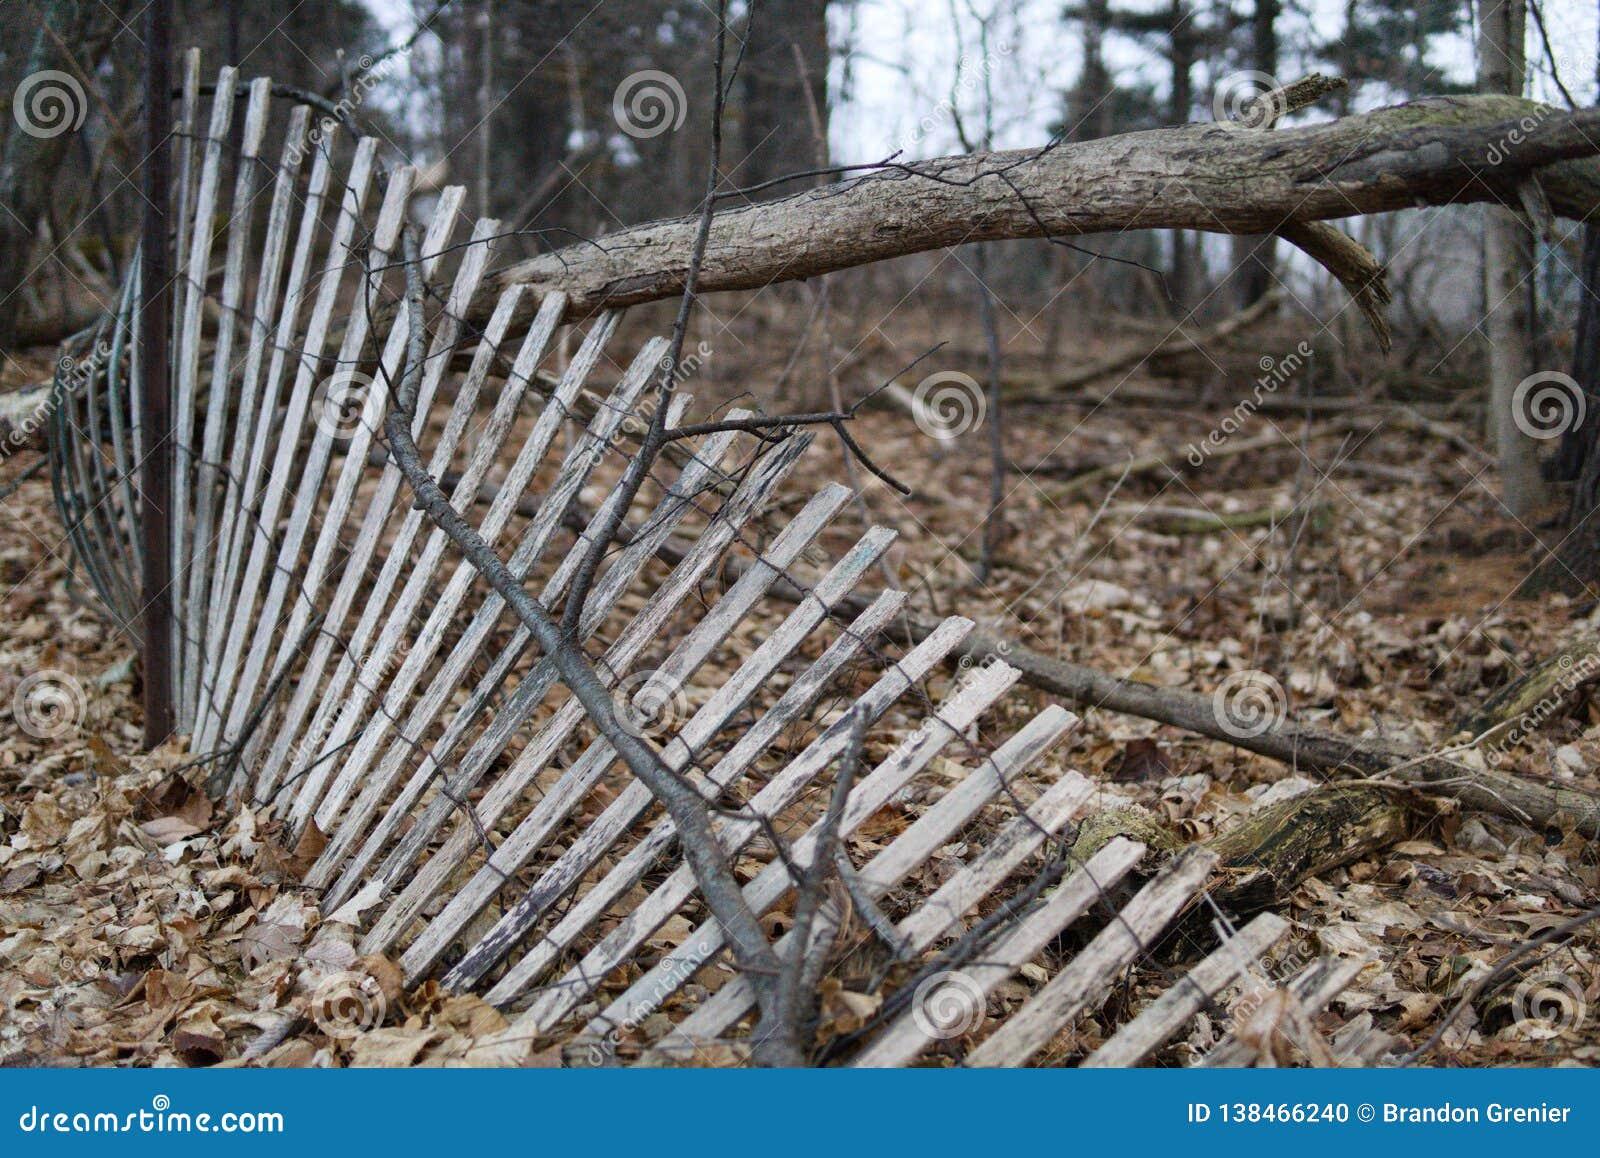 Barrière de forêt se penchant et tombant